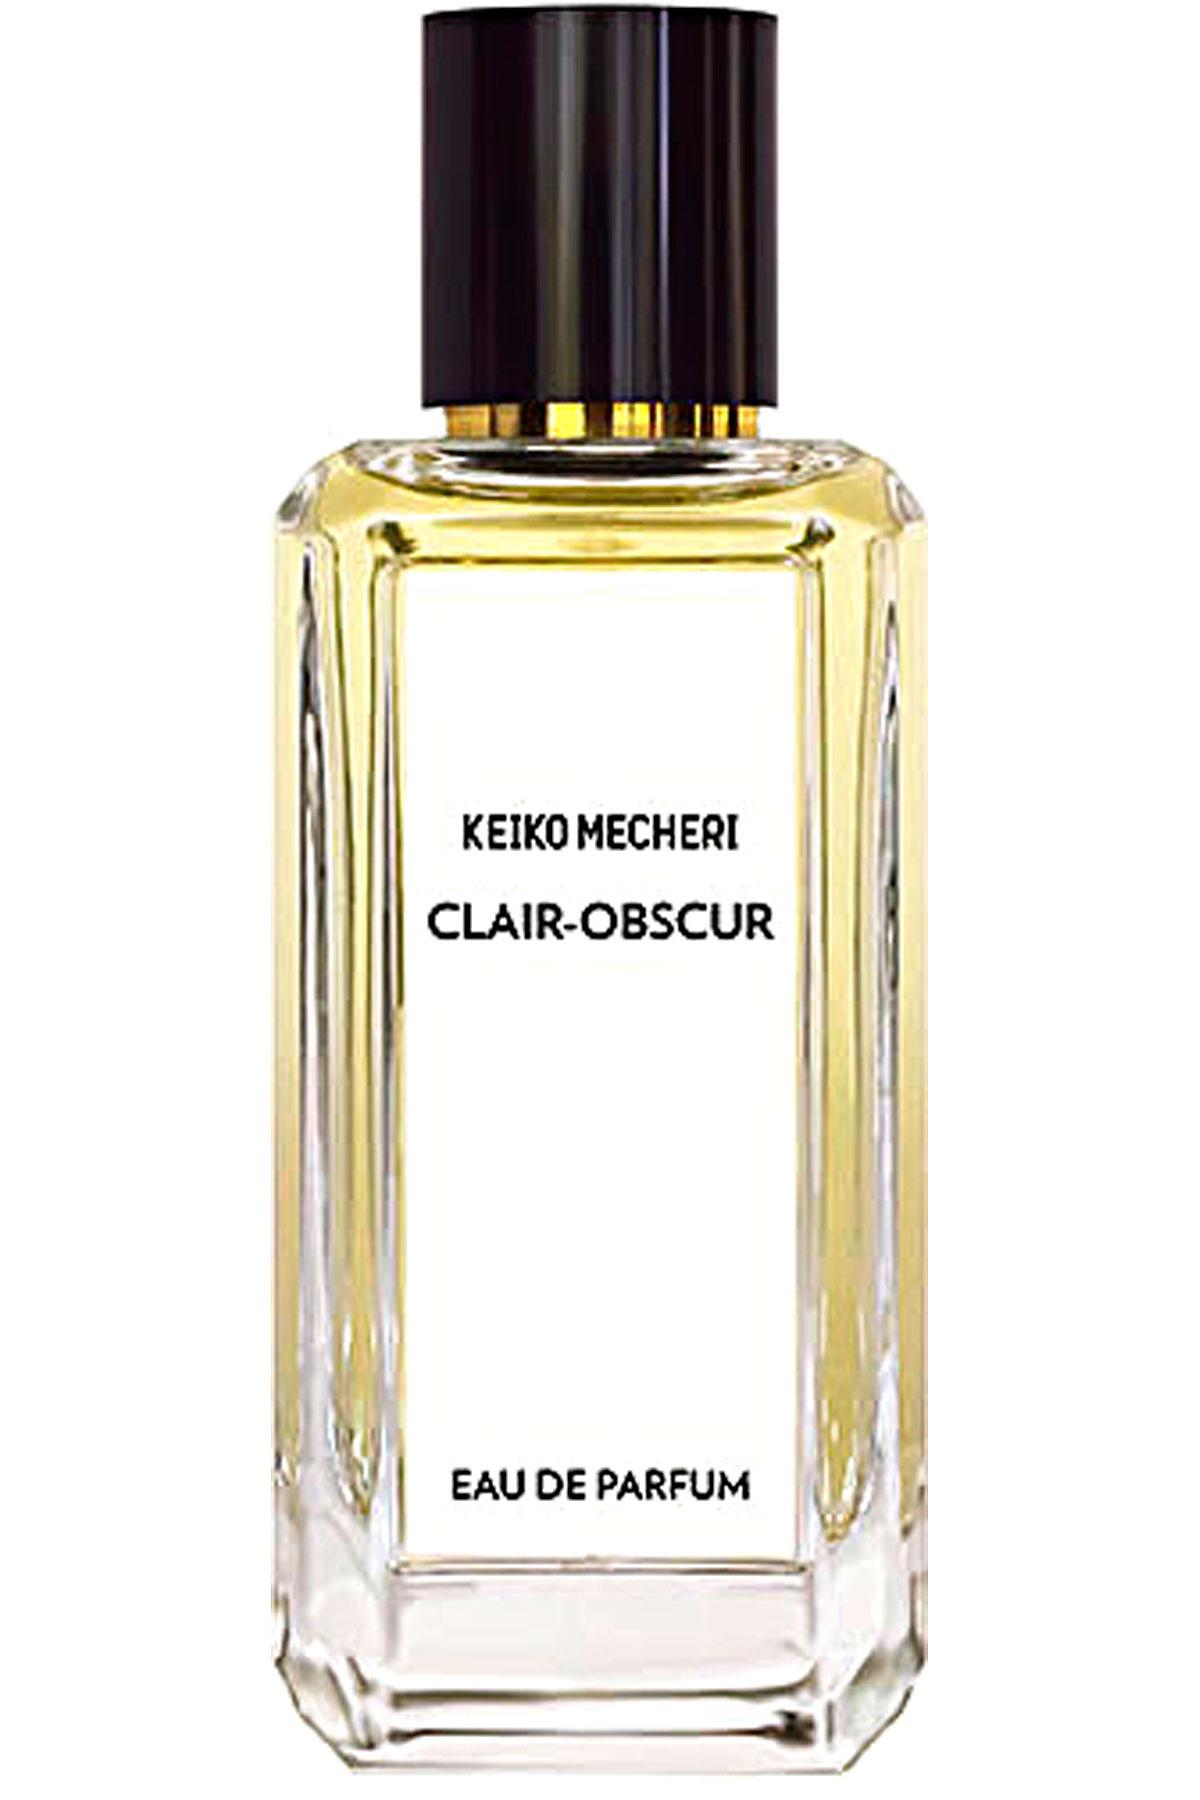 Keiko Mecheri Fragrances for Women, Clair Obscure - Eau De Parfum - 100 Ml, 2019, 100 ml